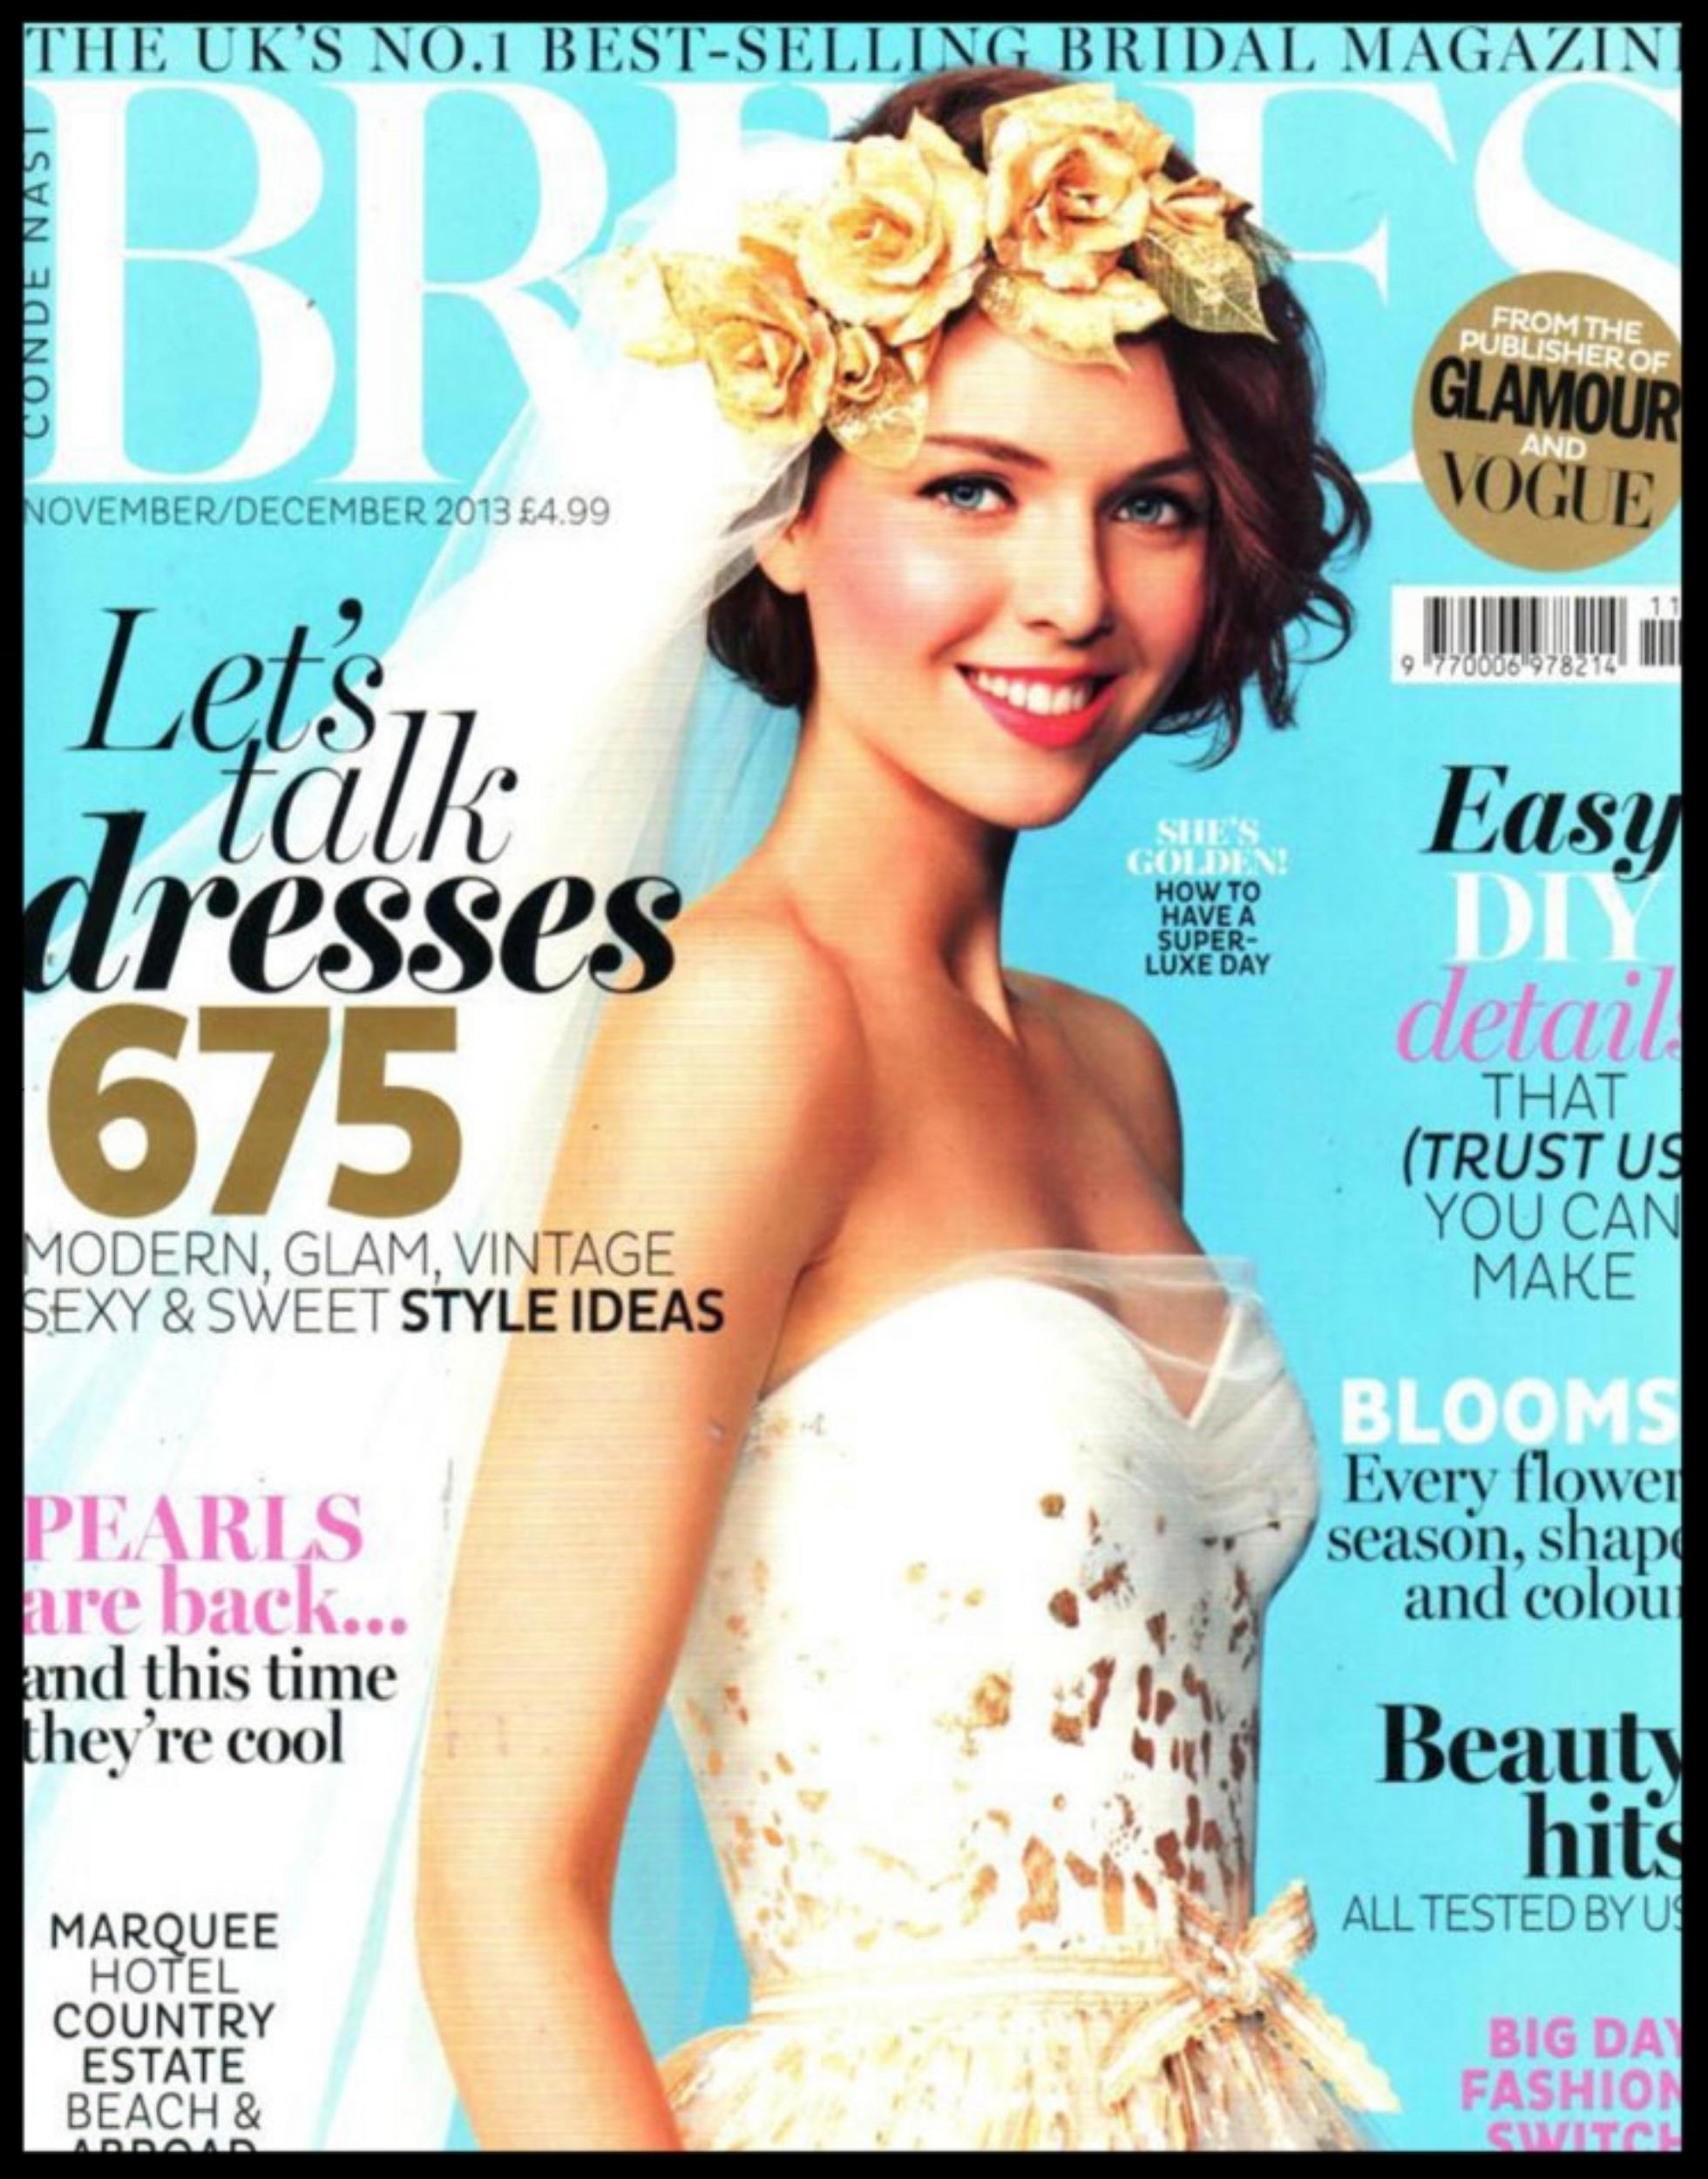 Bridal Magazine UK